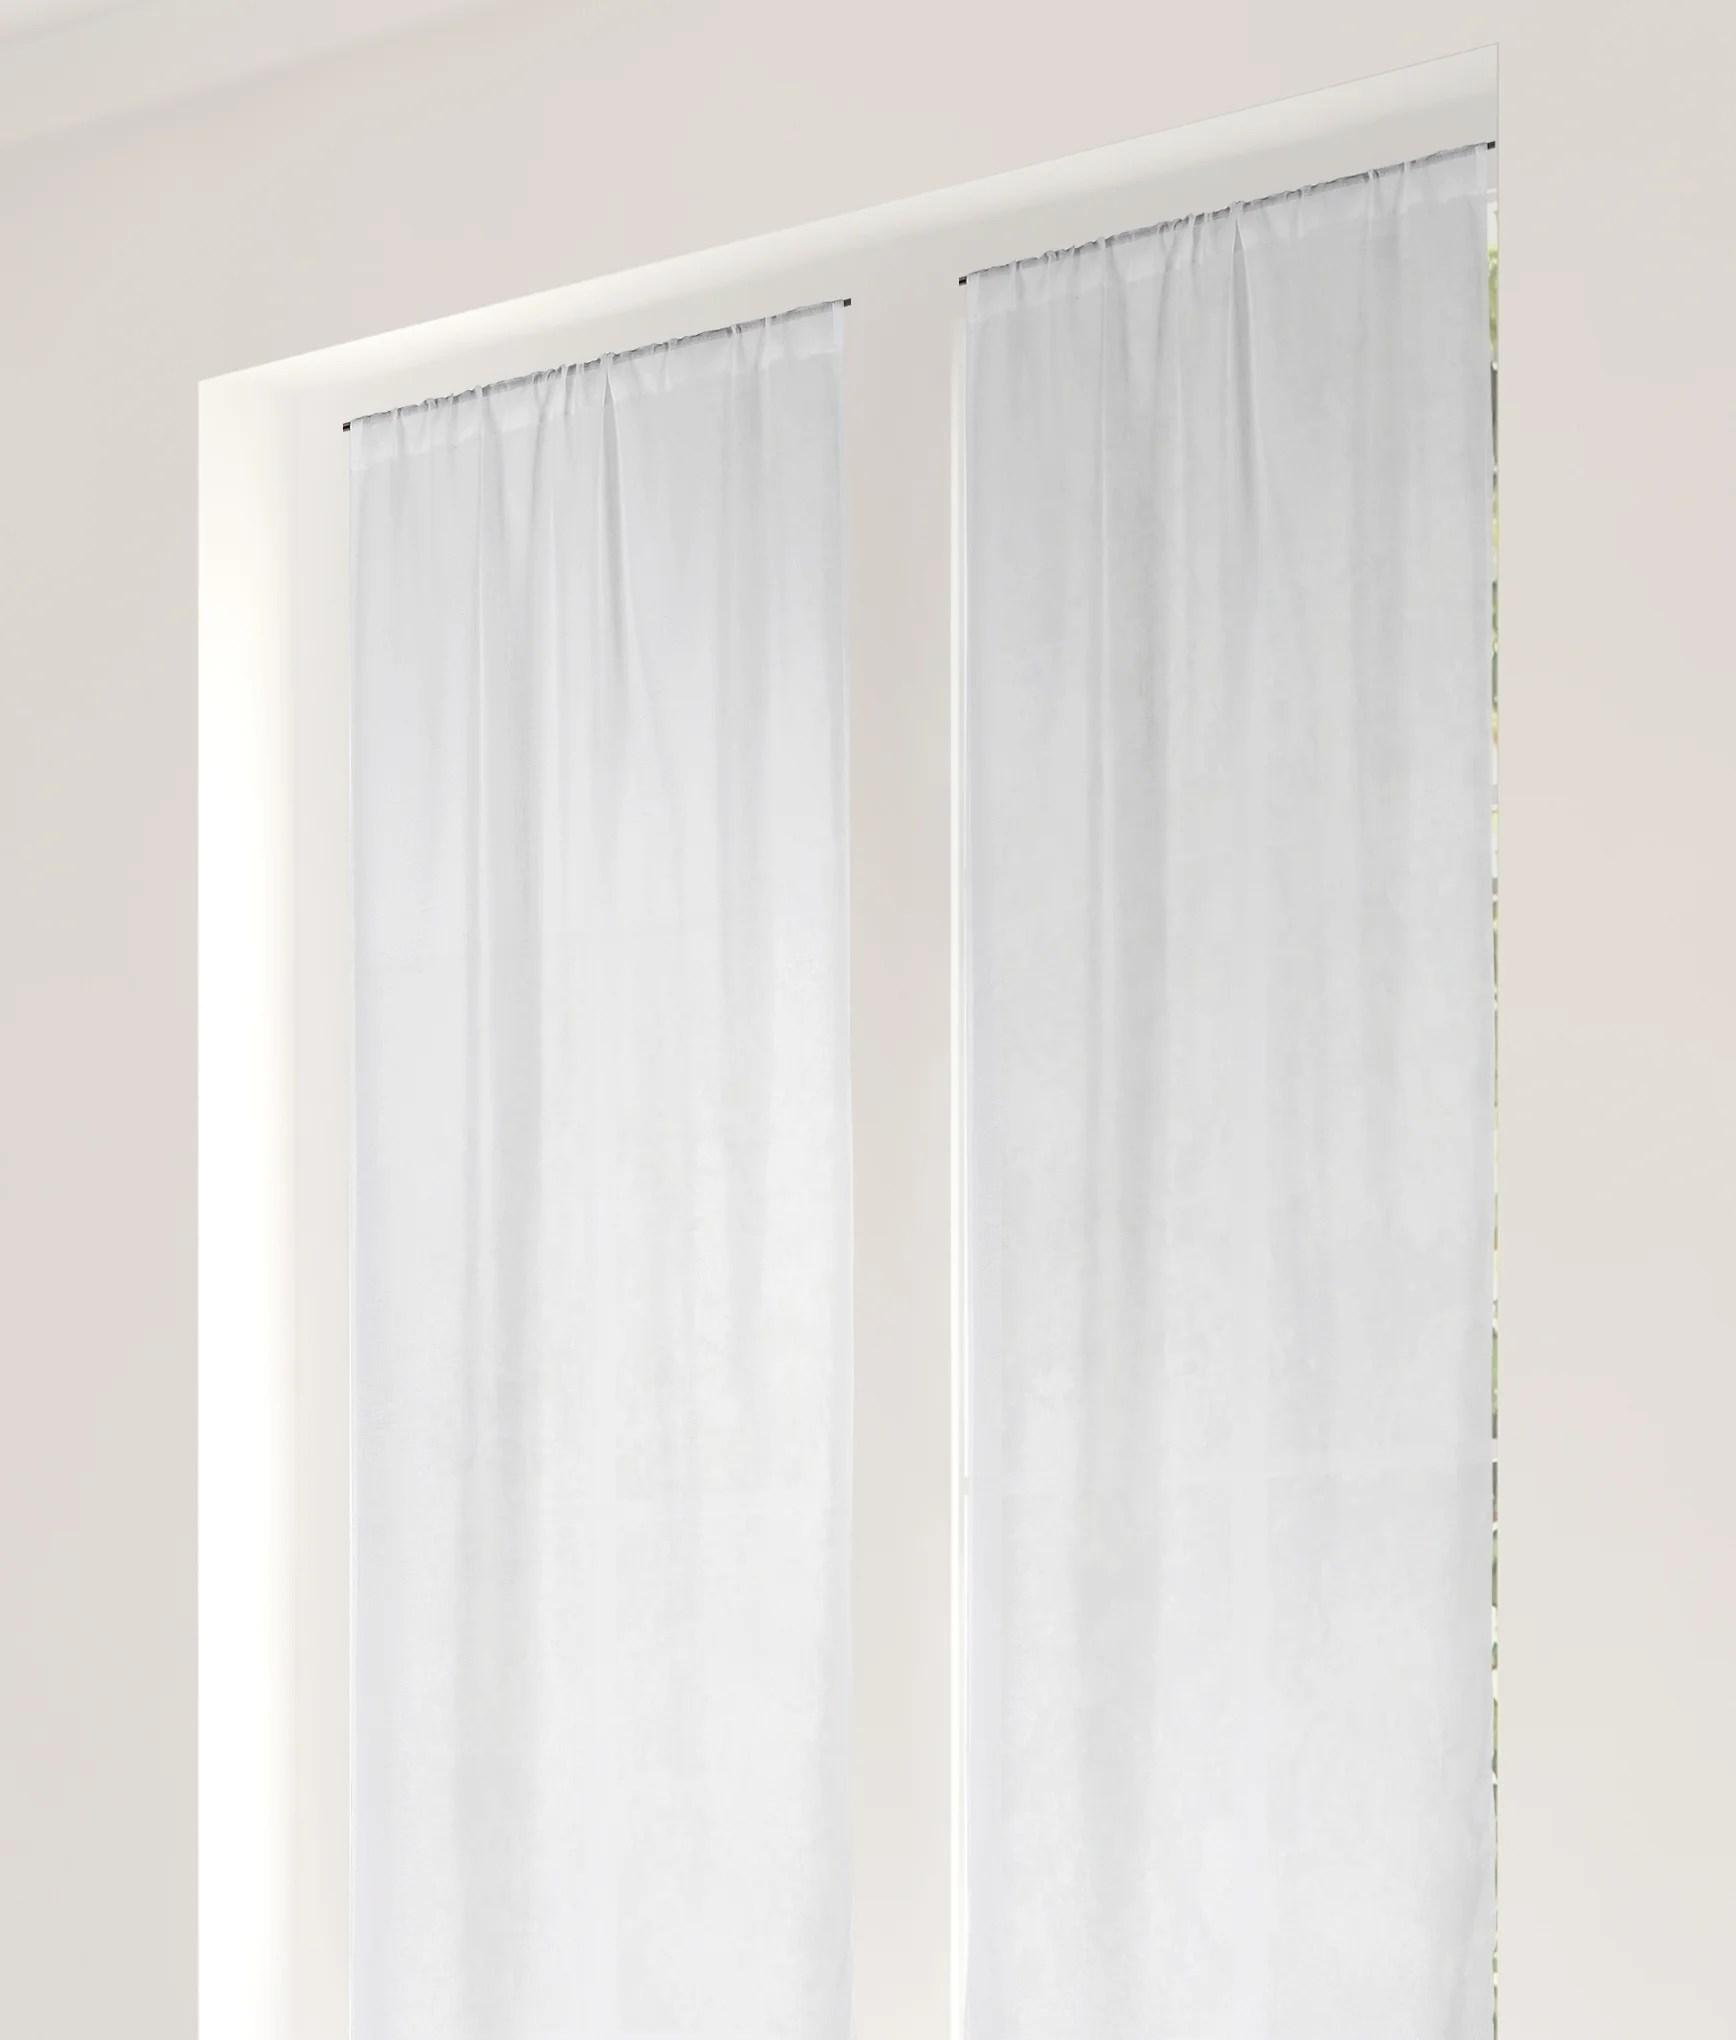 paire de vitrages tamisant linette aspect lin blanc l 90 x h 220 cm